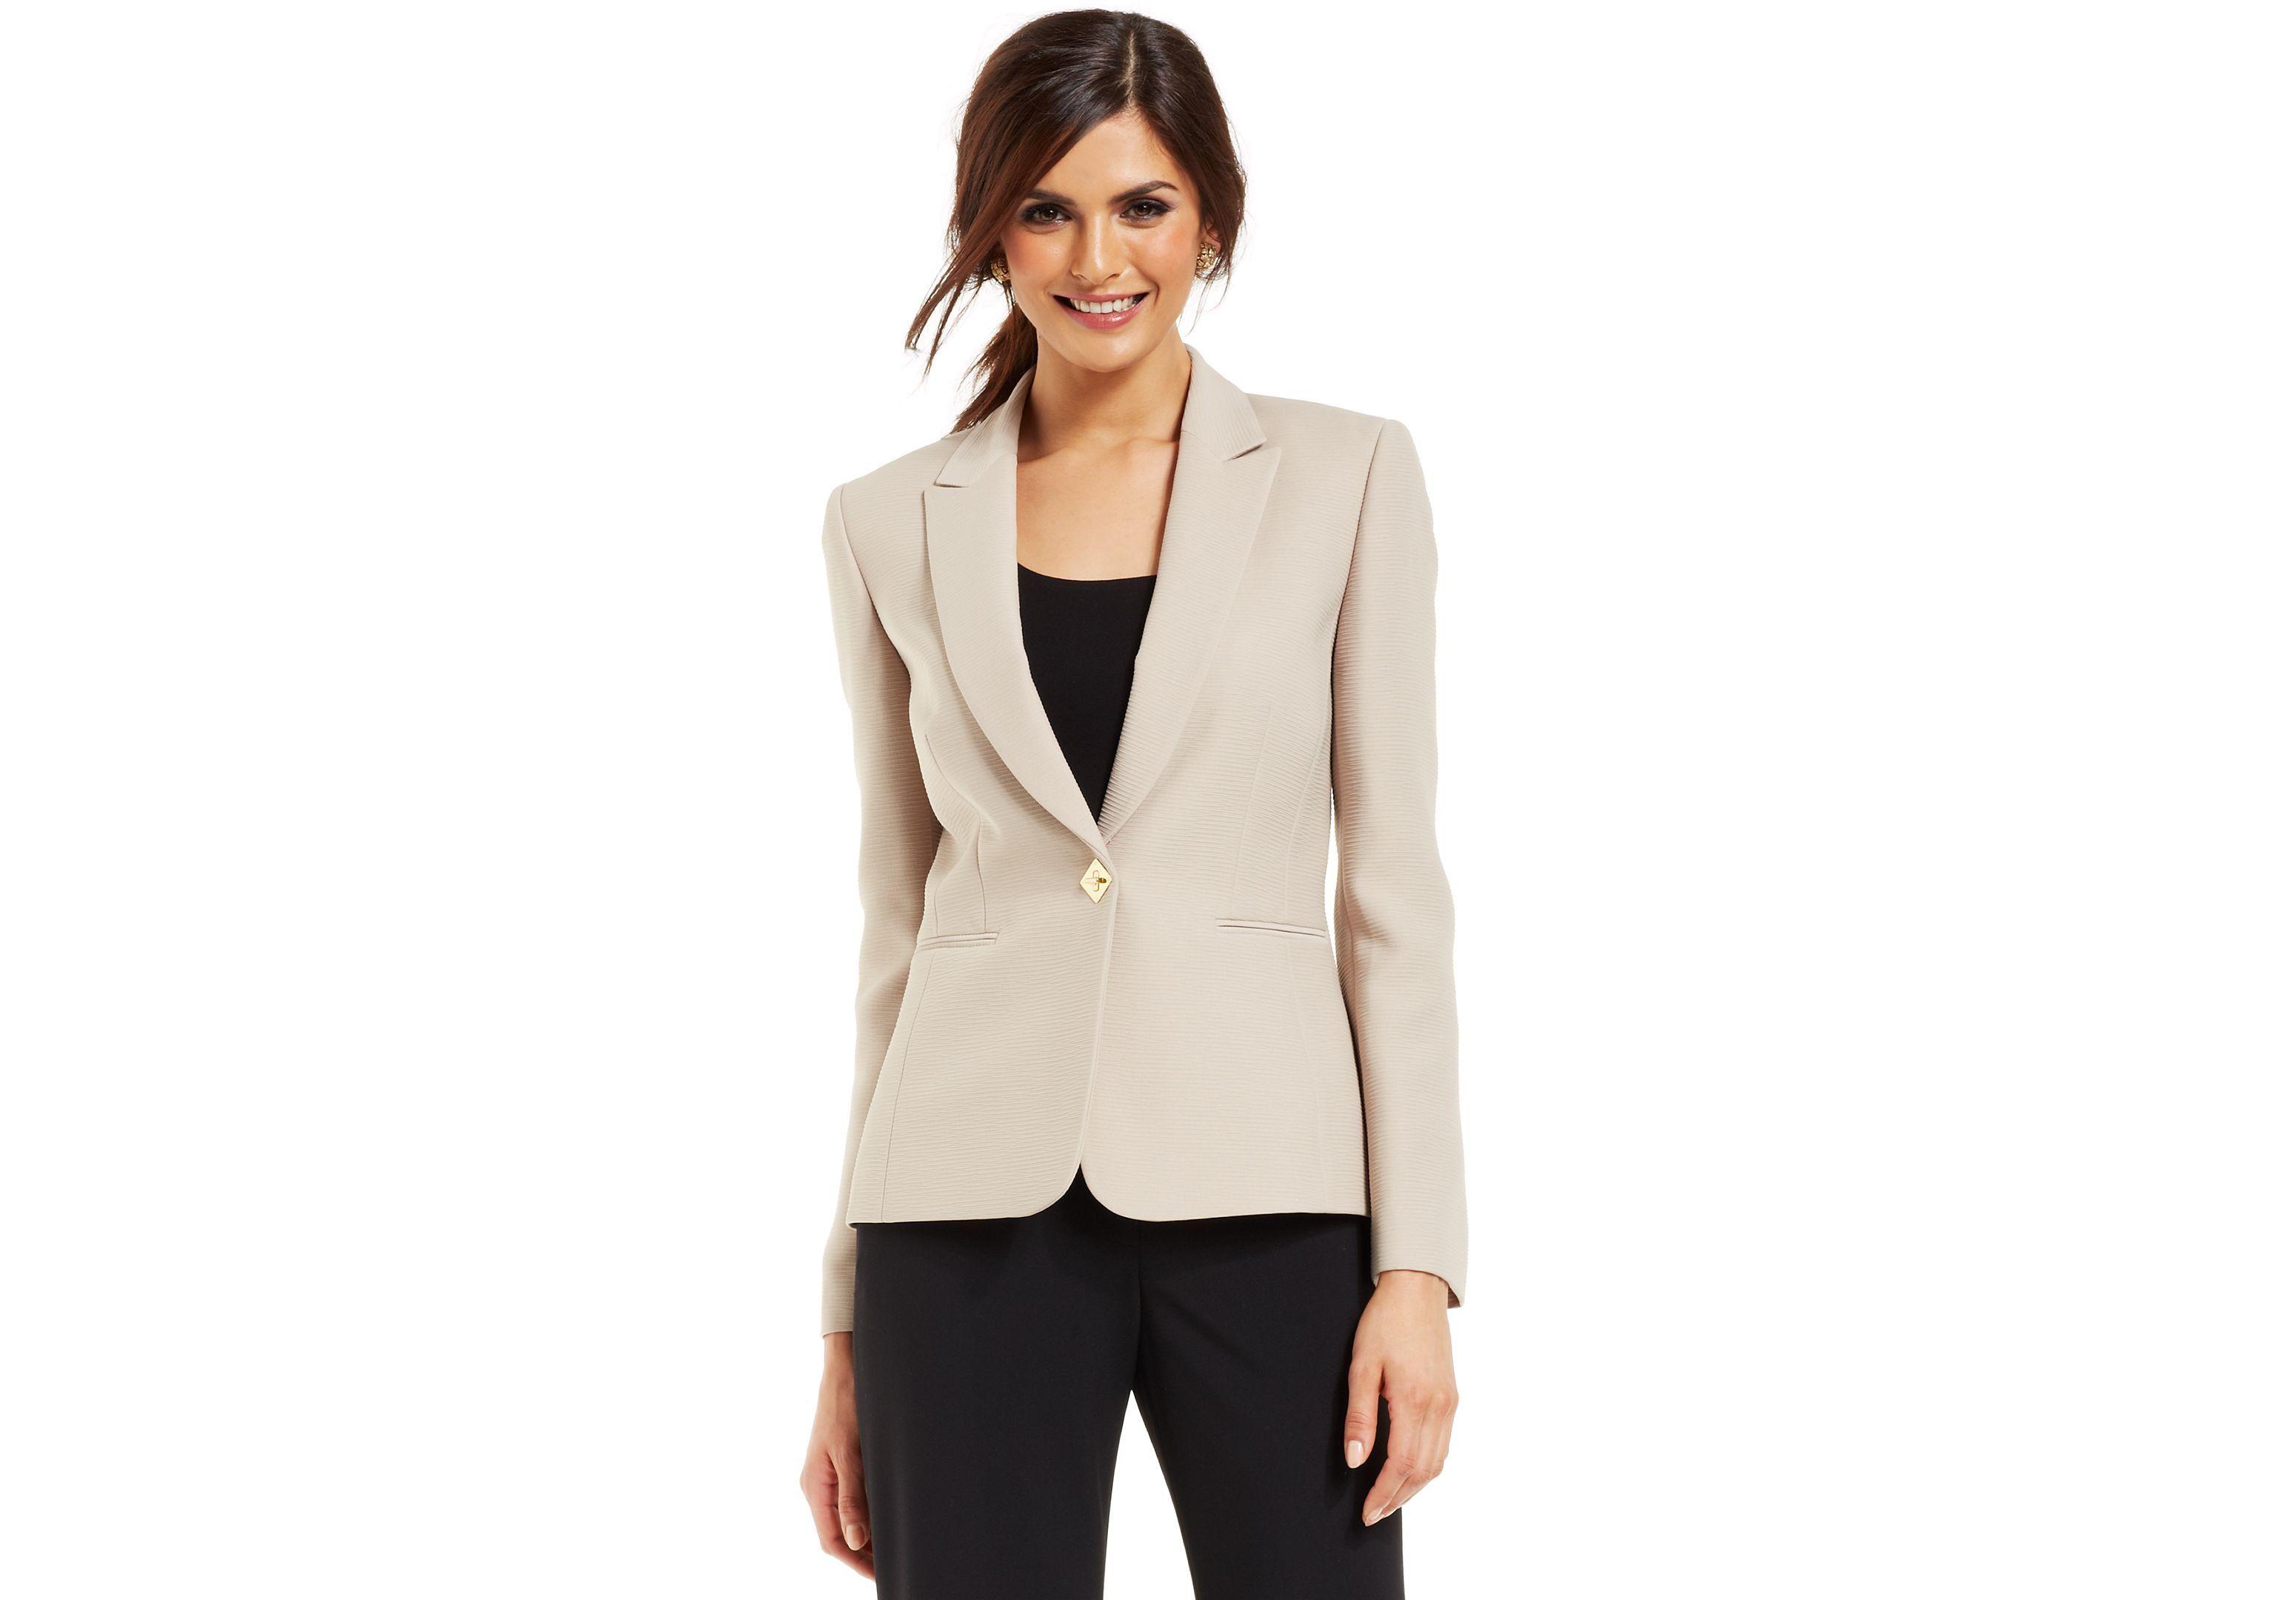 MACYS Pants Suit 2490176_fpx 2490175 Blazer